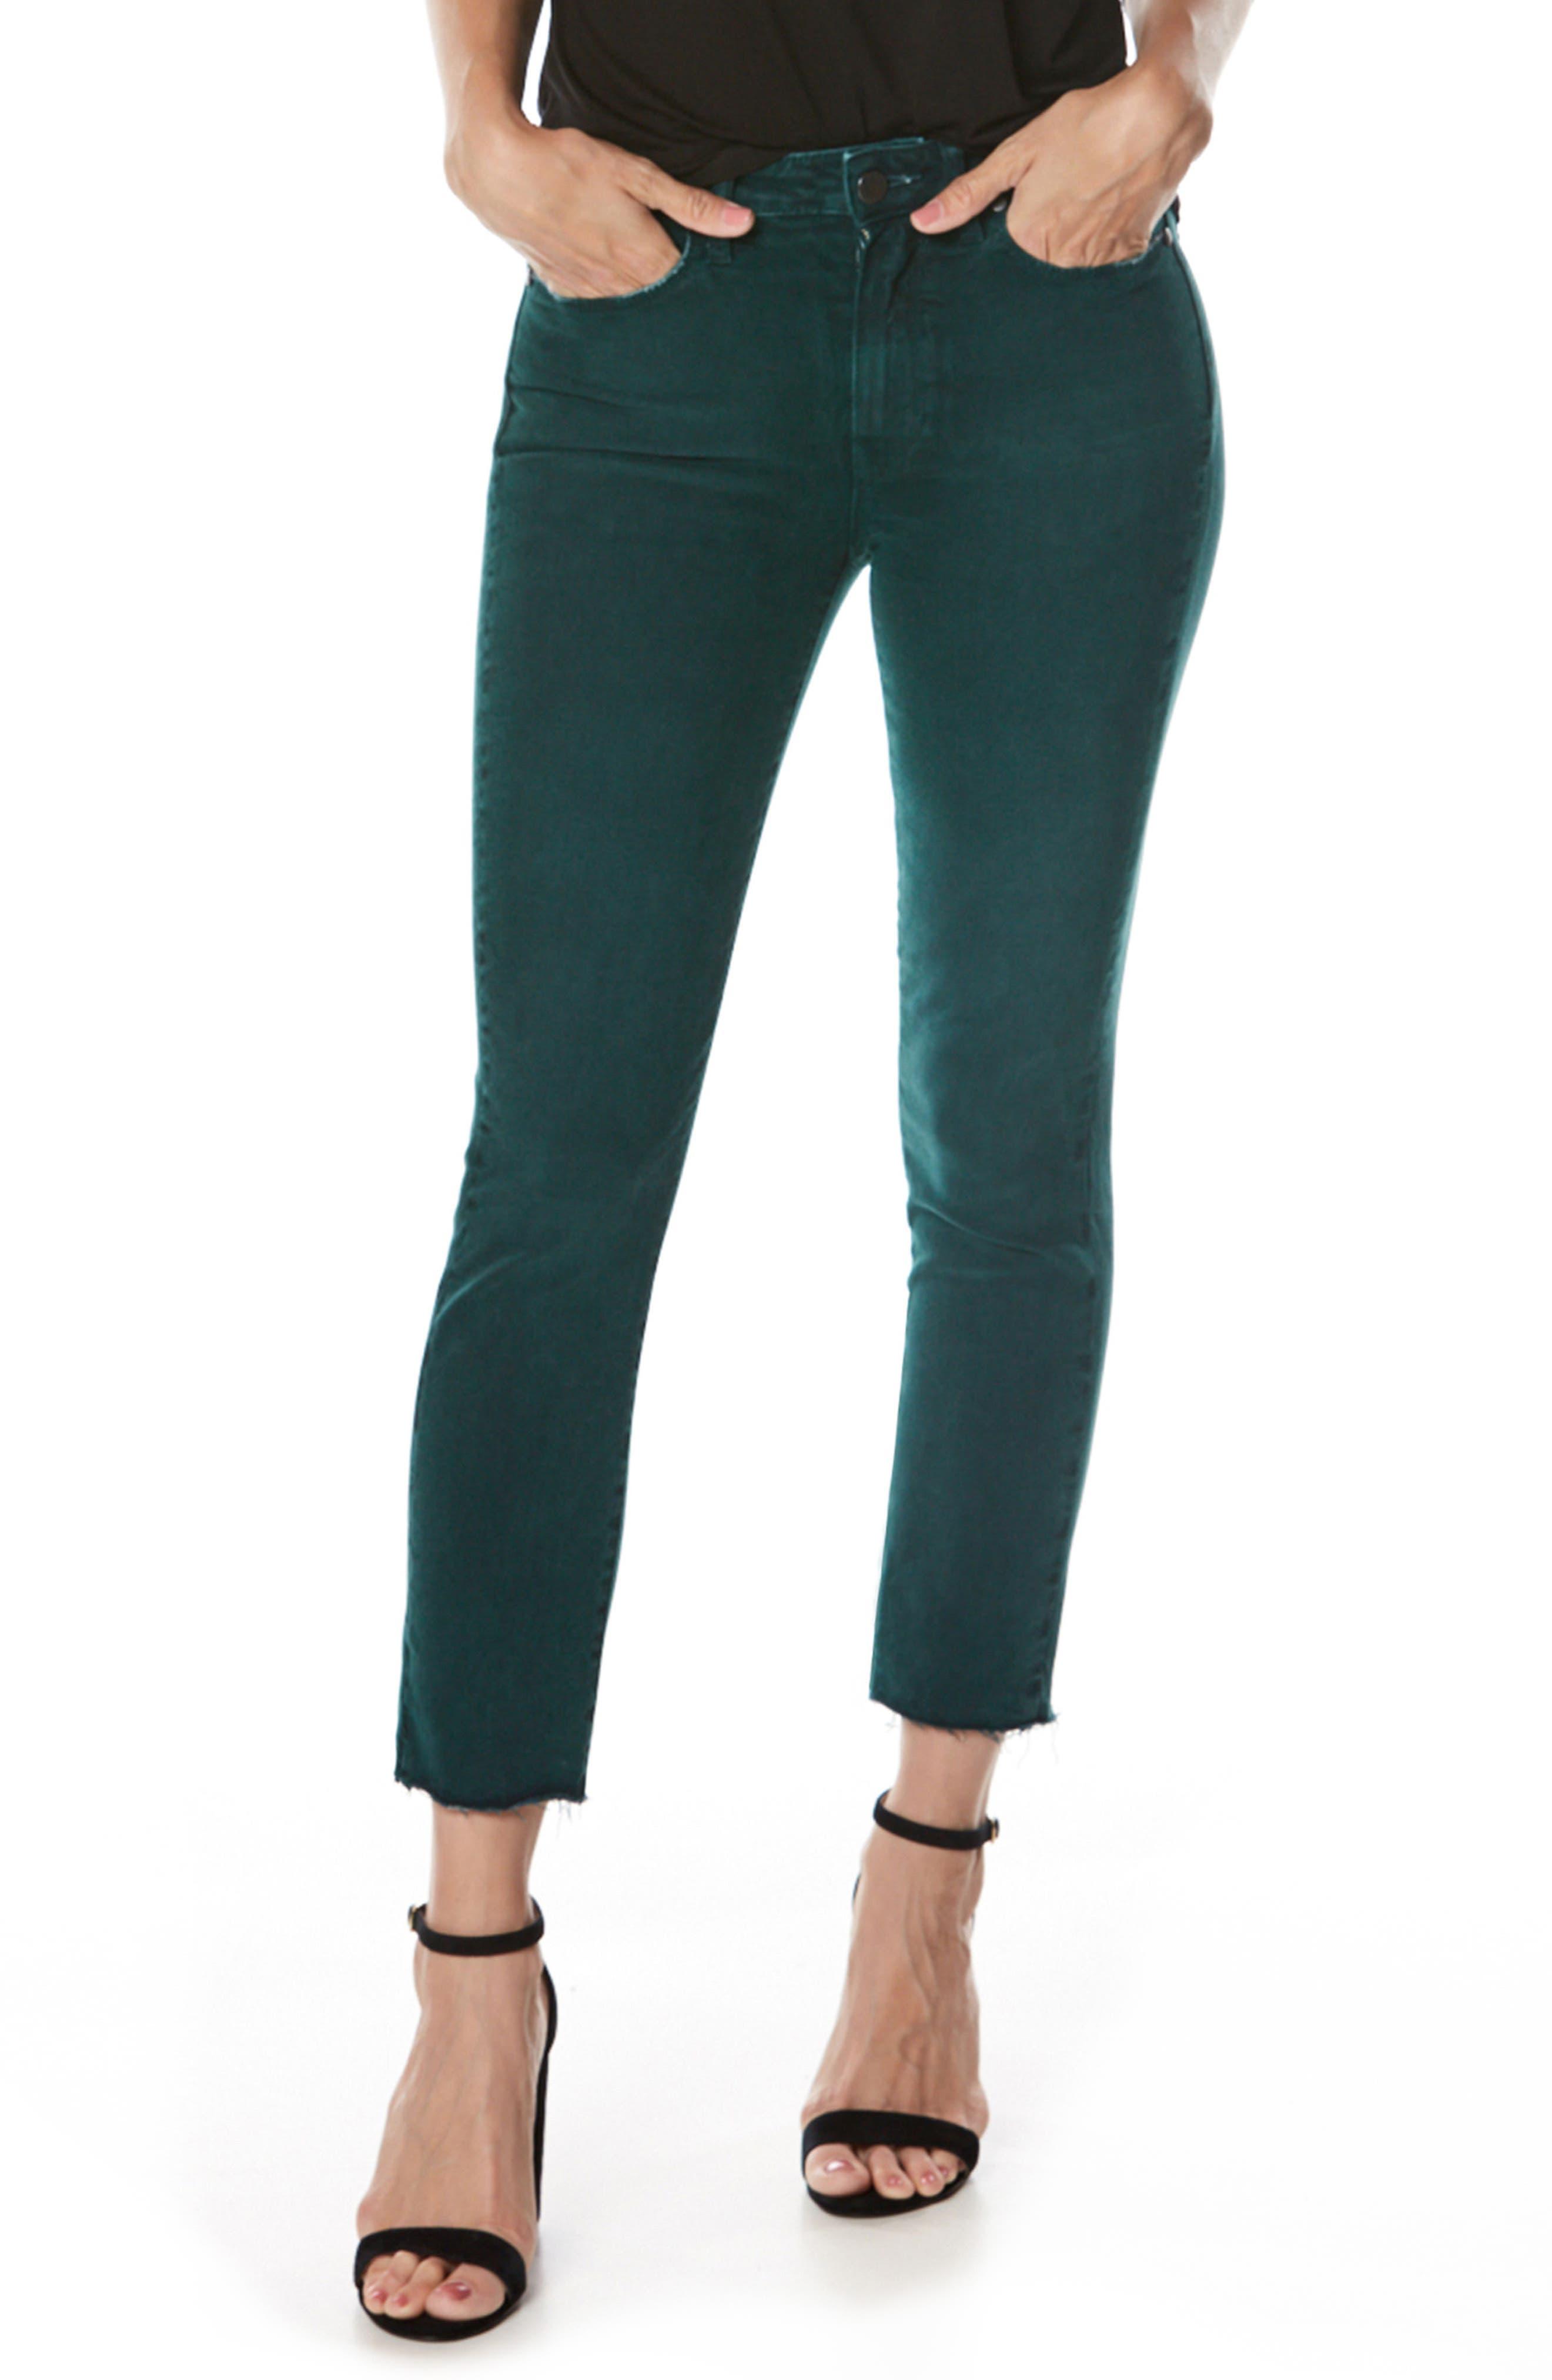 Jacqueline High Waist Crop Straight Leg Jeans,                         Main,                         color, Vintage Sea